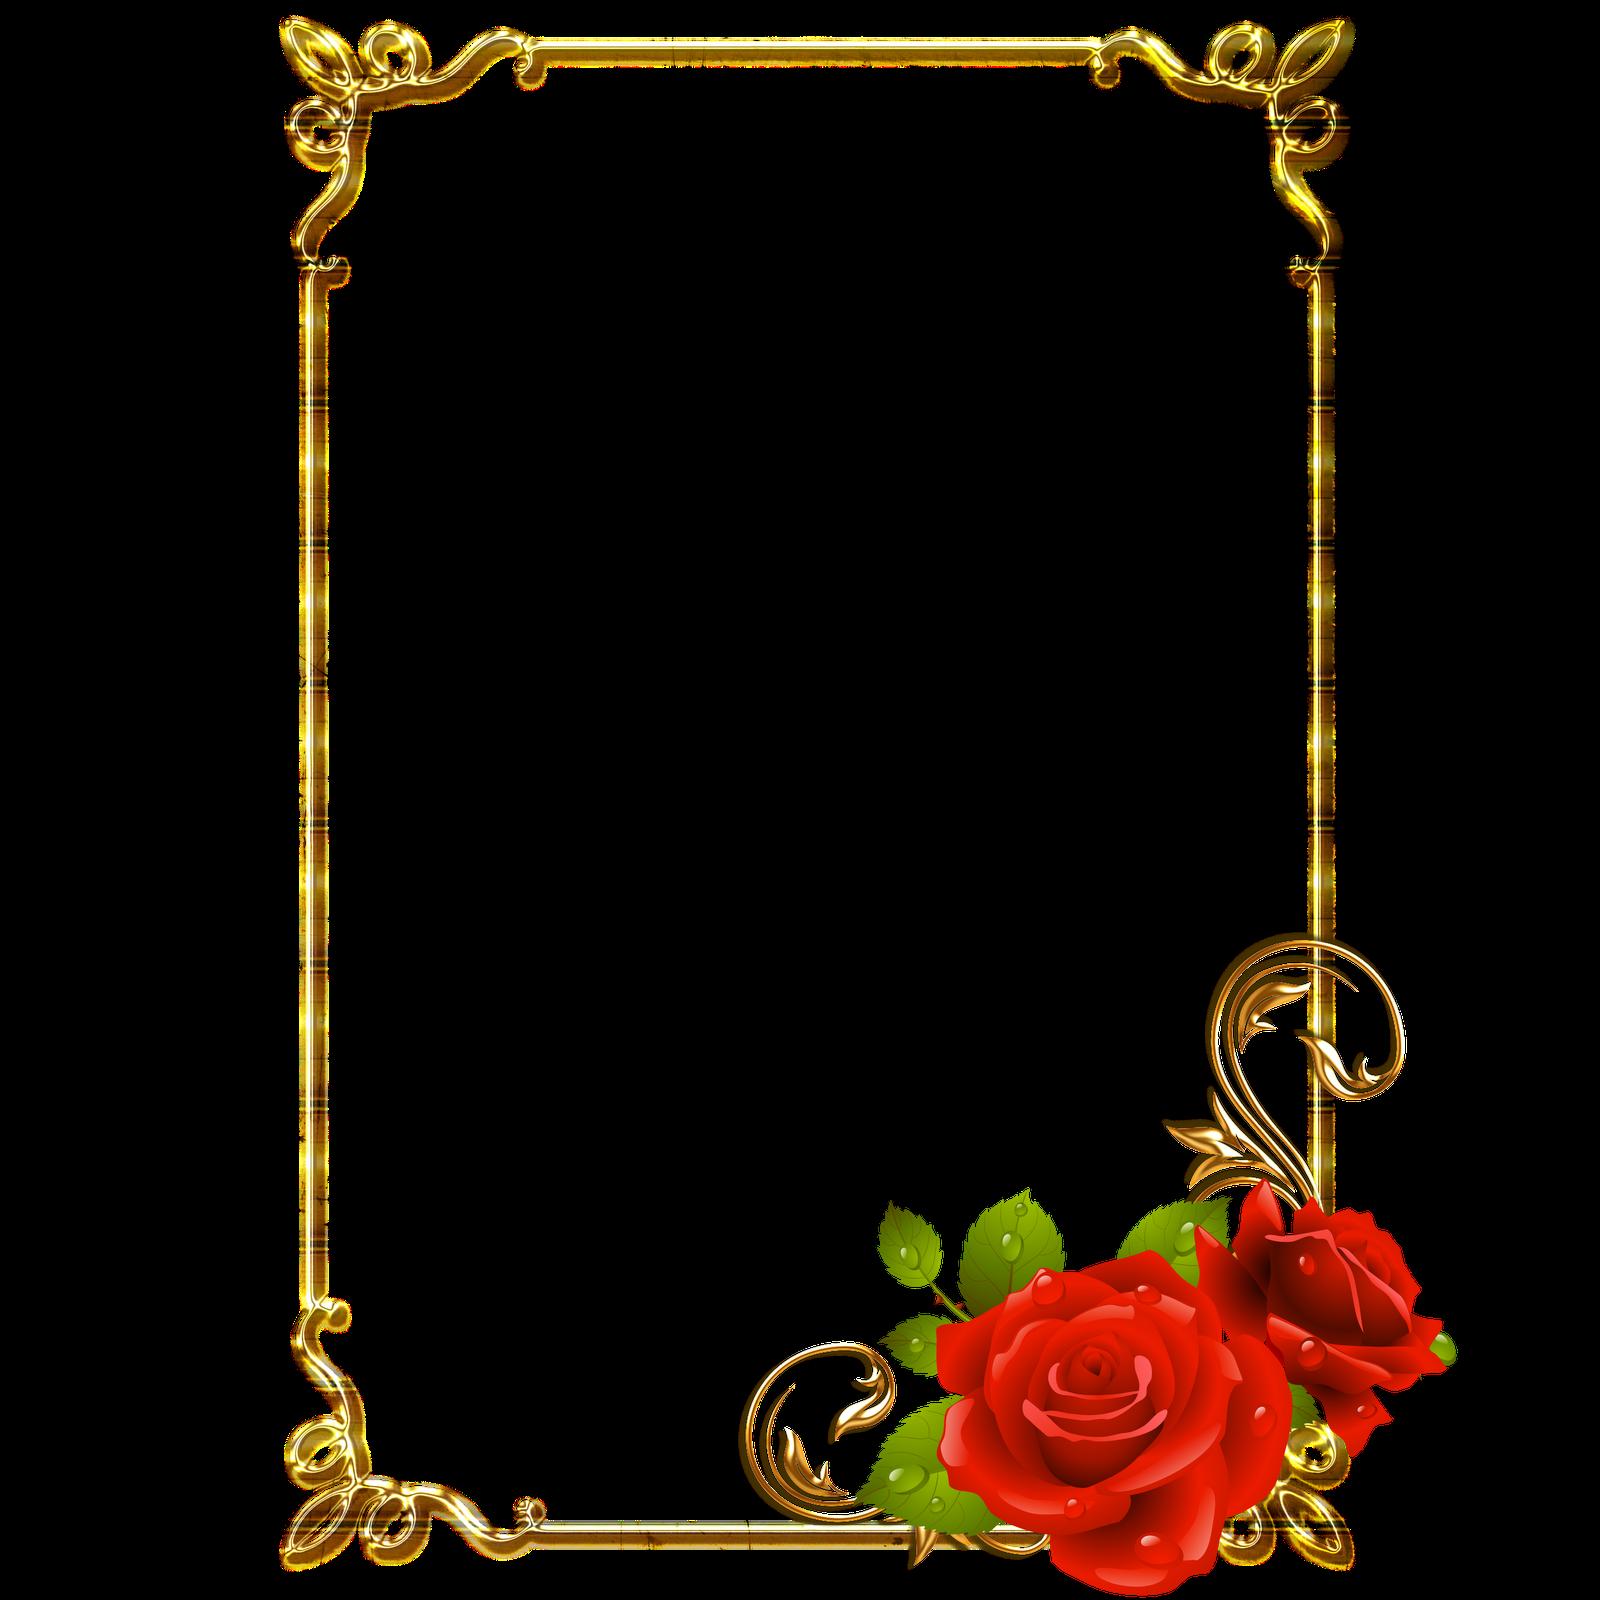 Пустые рамки для поздравления с юбилеем